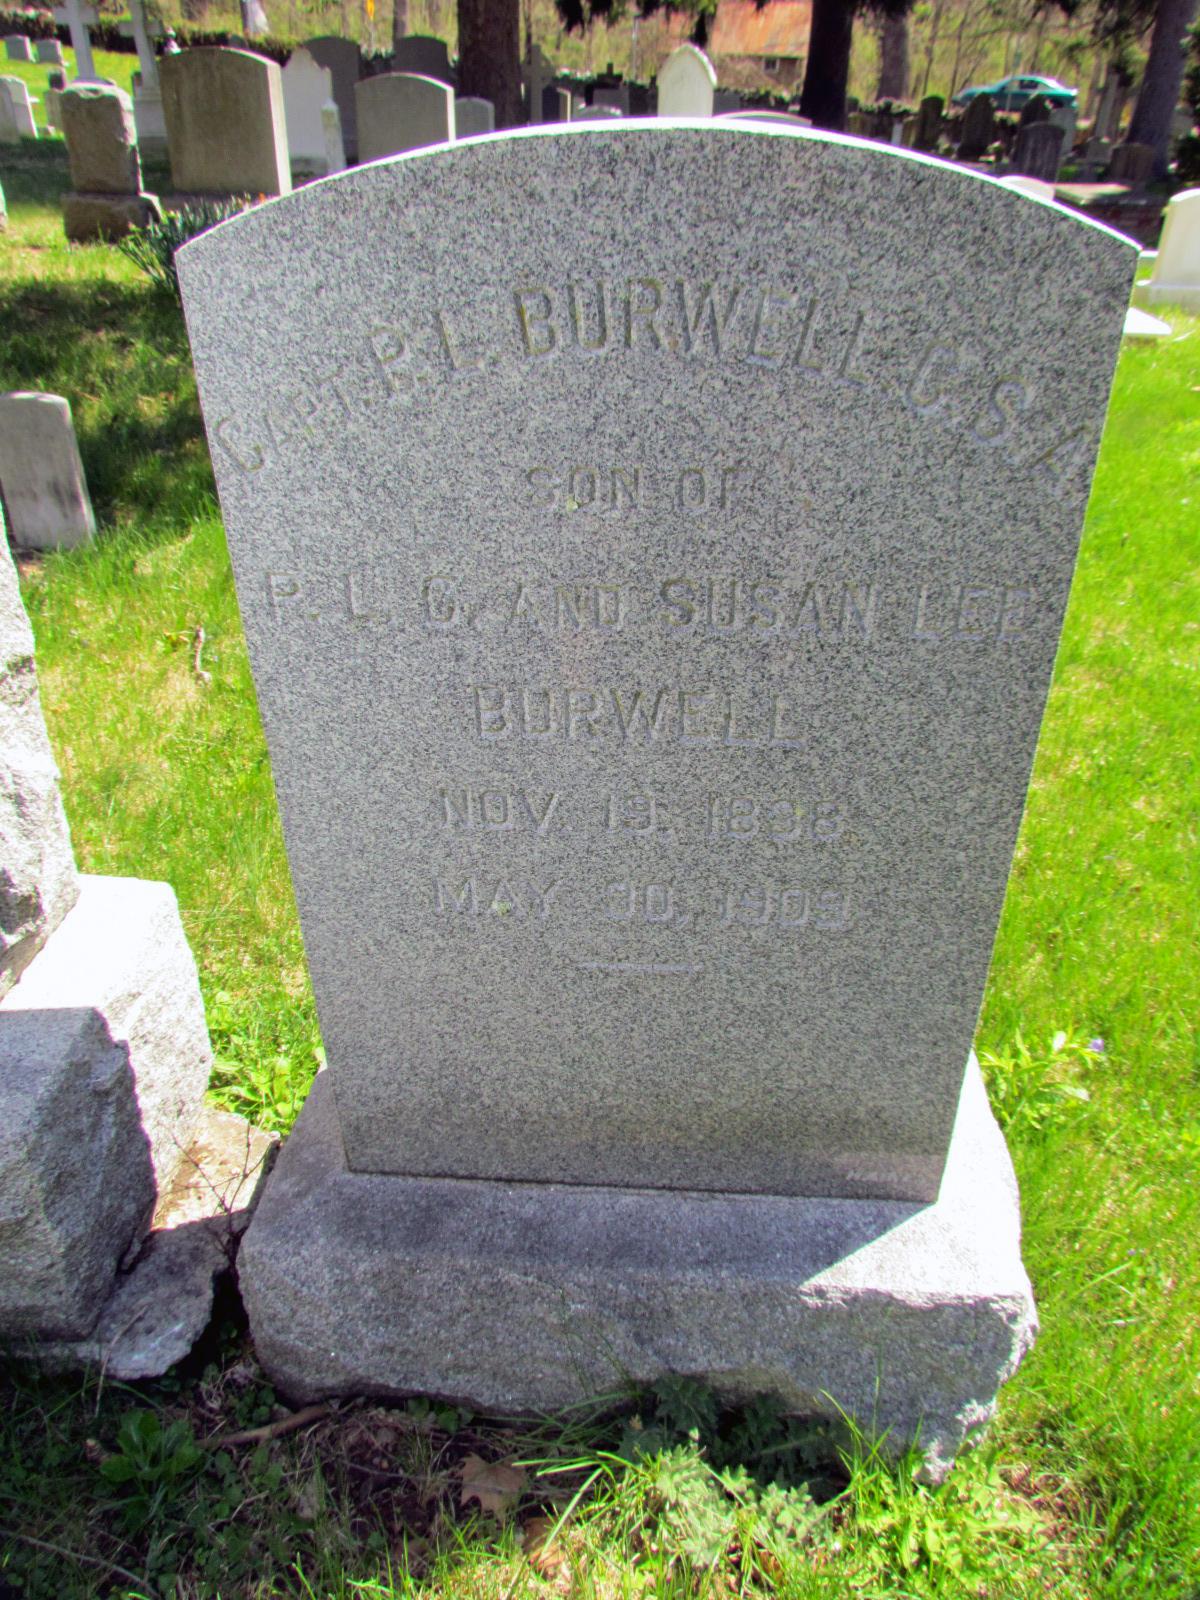 Capt Philip Lewis Carter Burwell